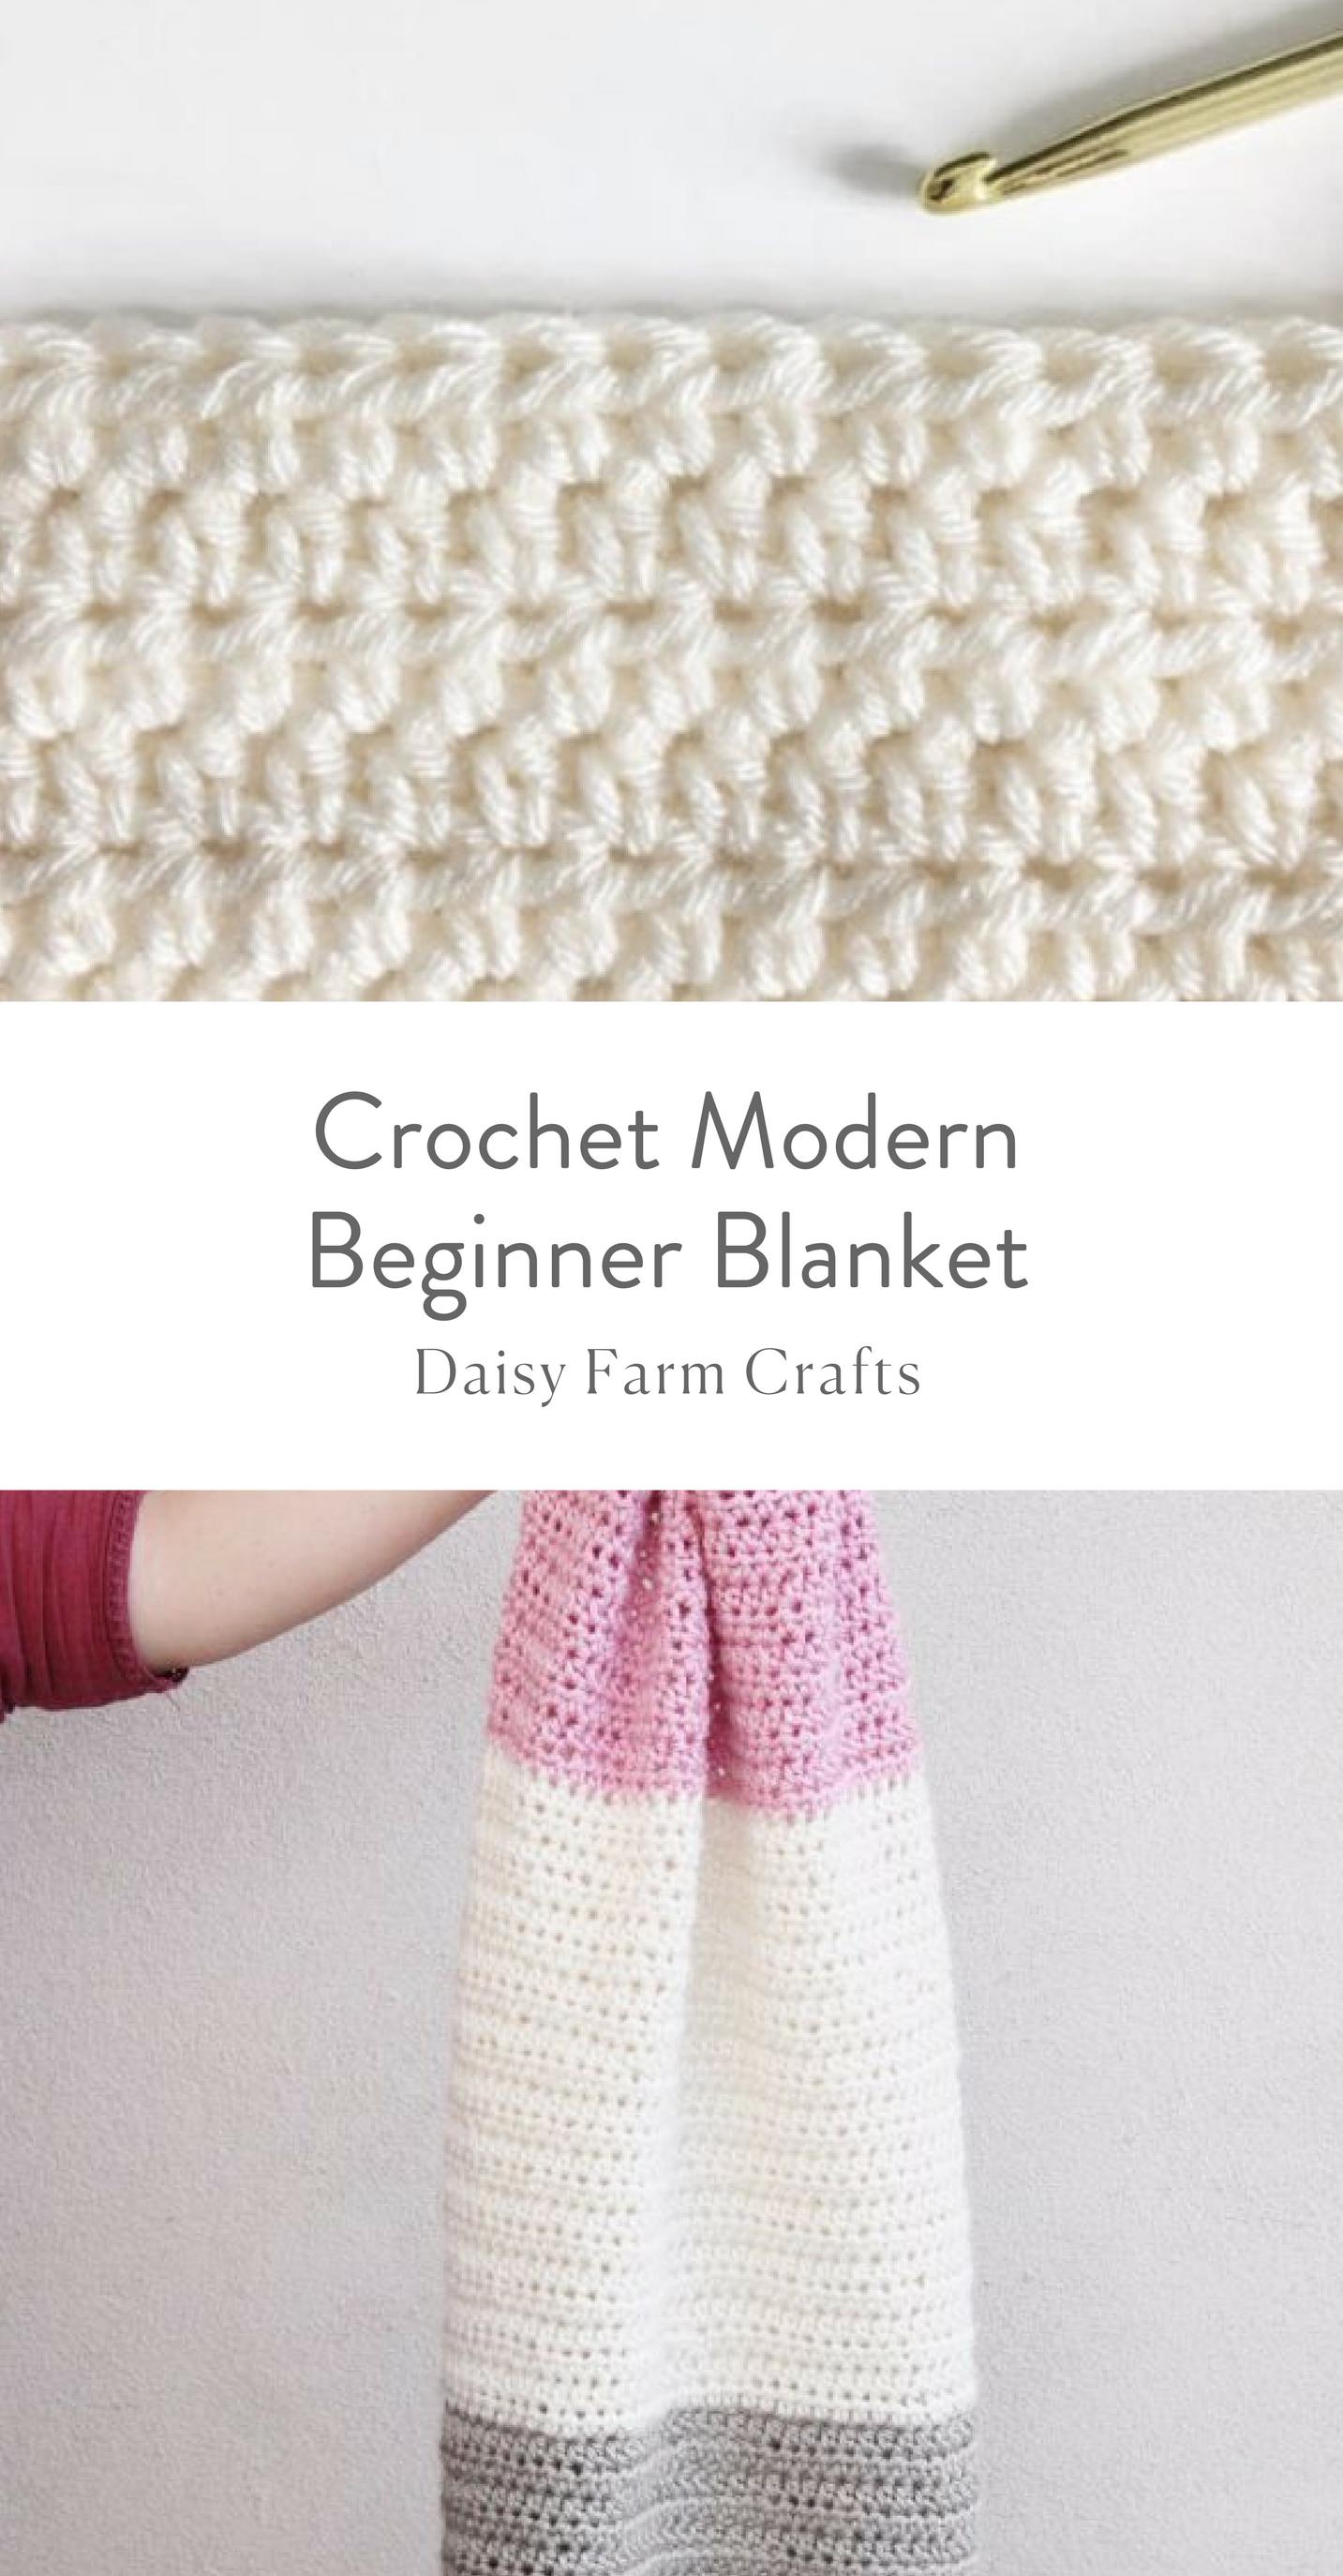 Free Pattern - Crochet Modern Beginner Blanket | Crochet | Pinterest ...